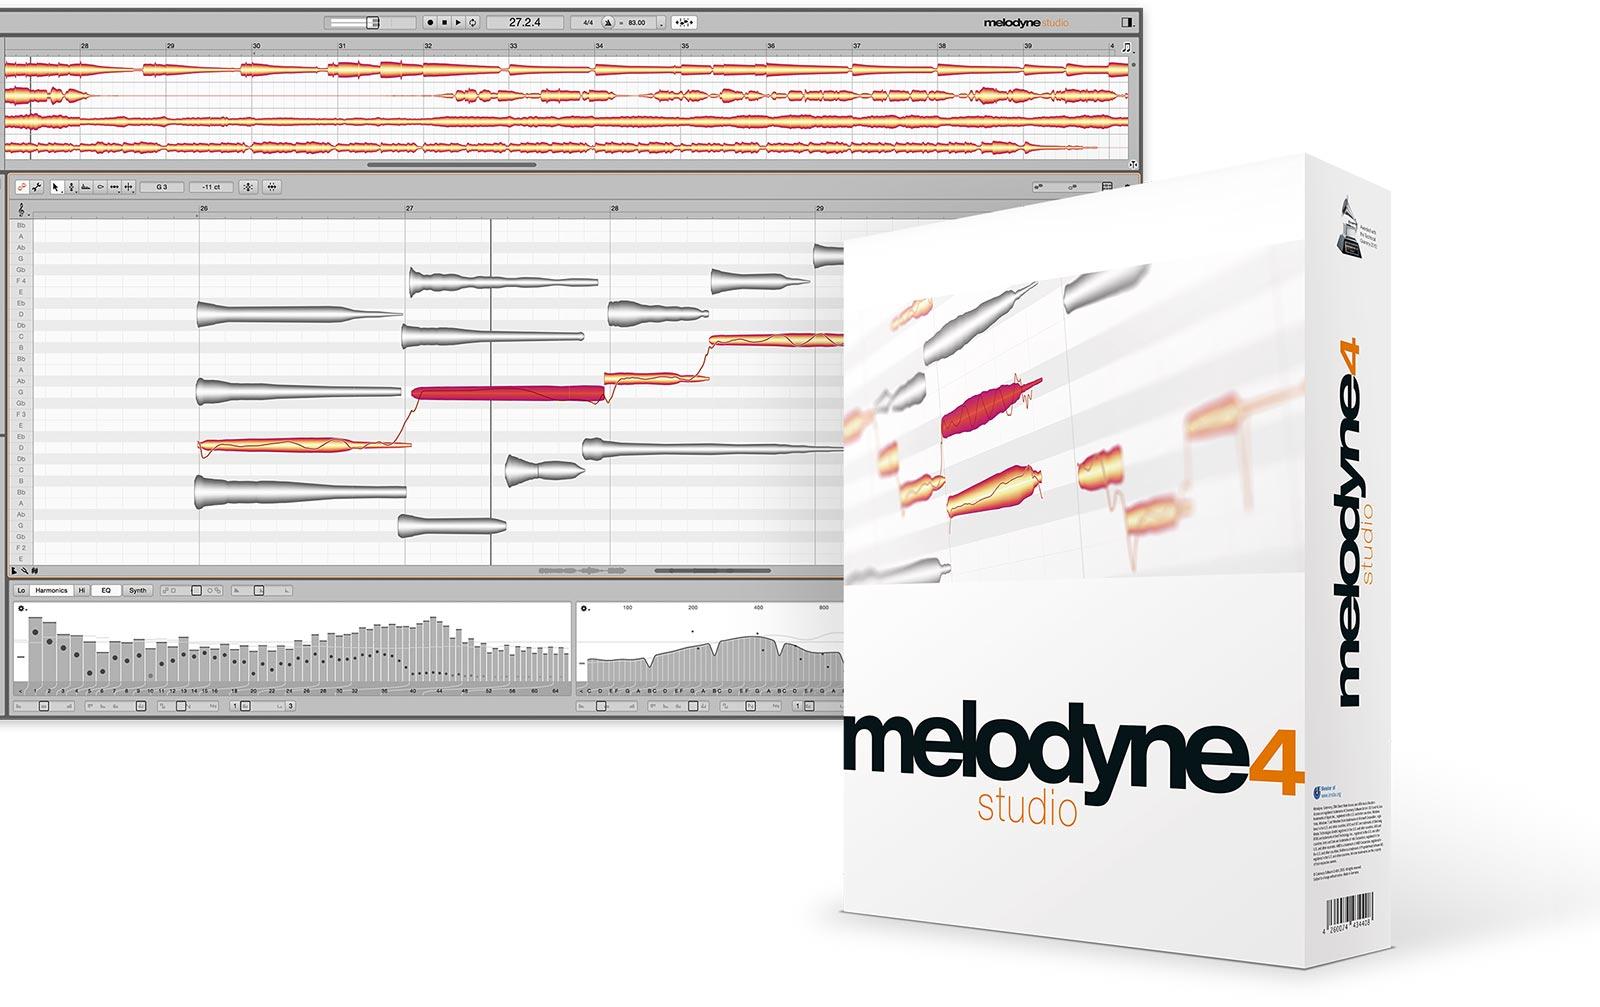 celemony-melodyne-4-studio-update-von-melodyne-studio-1-oder-2-und-cre8